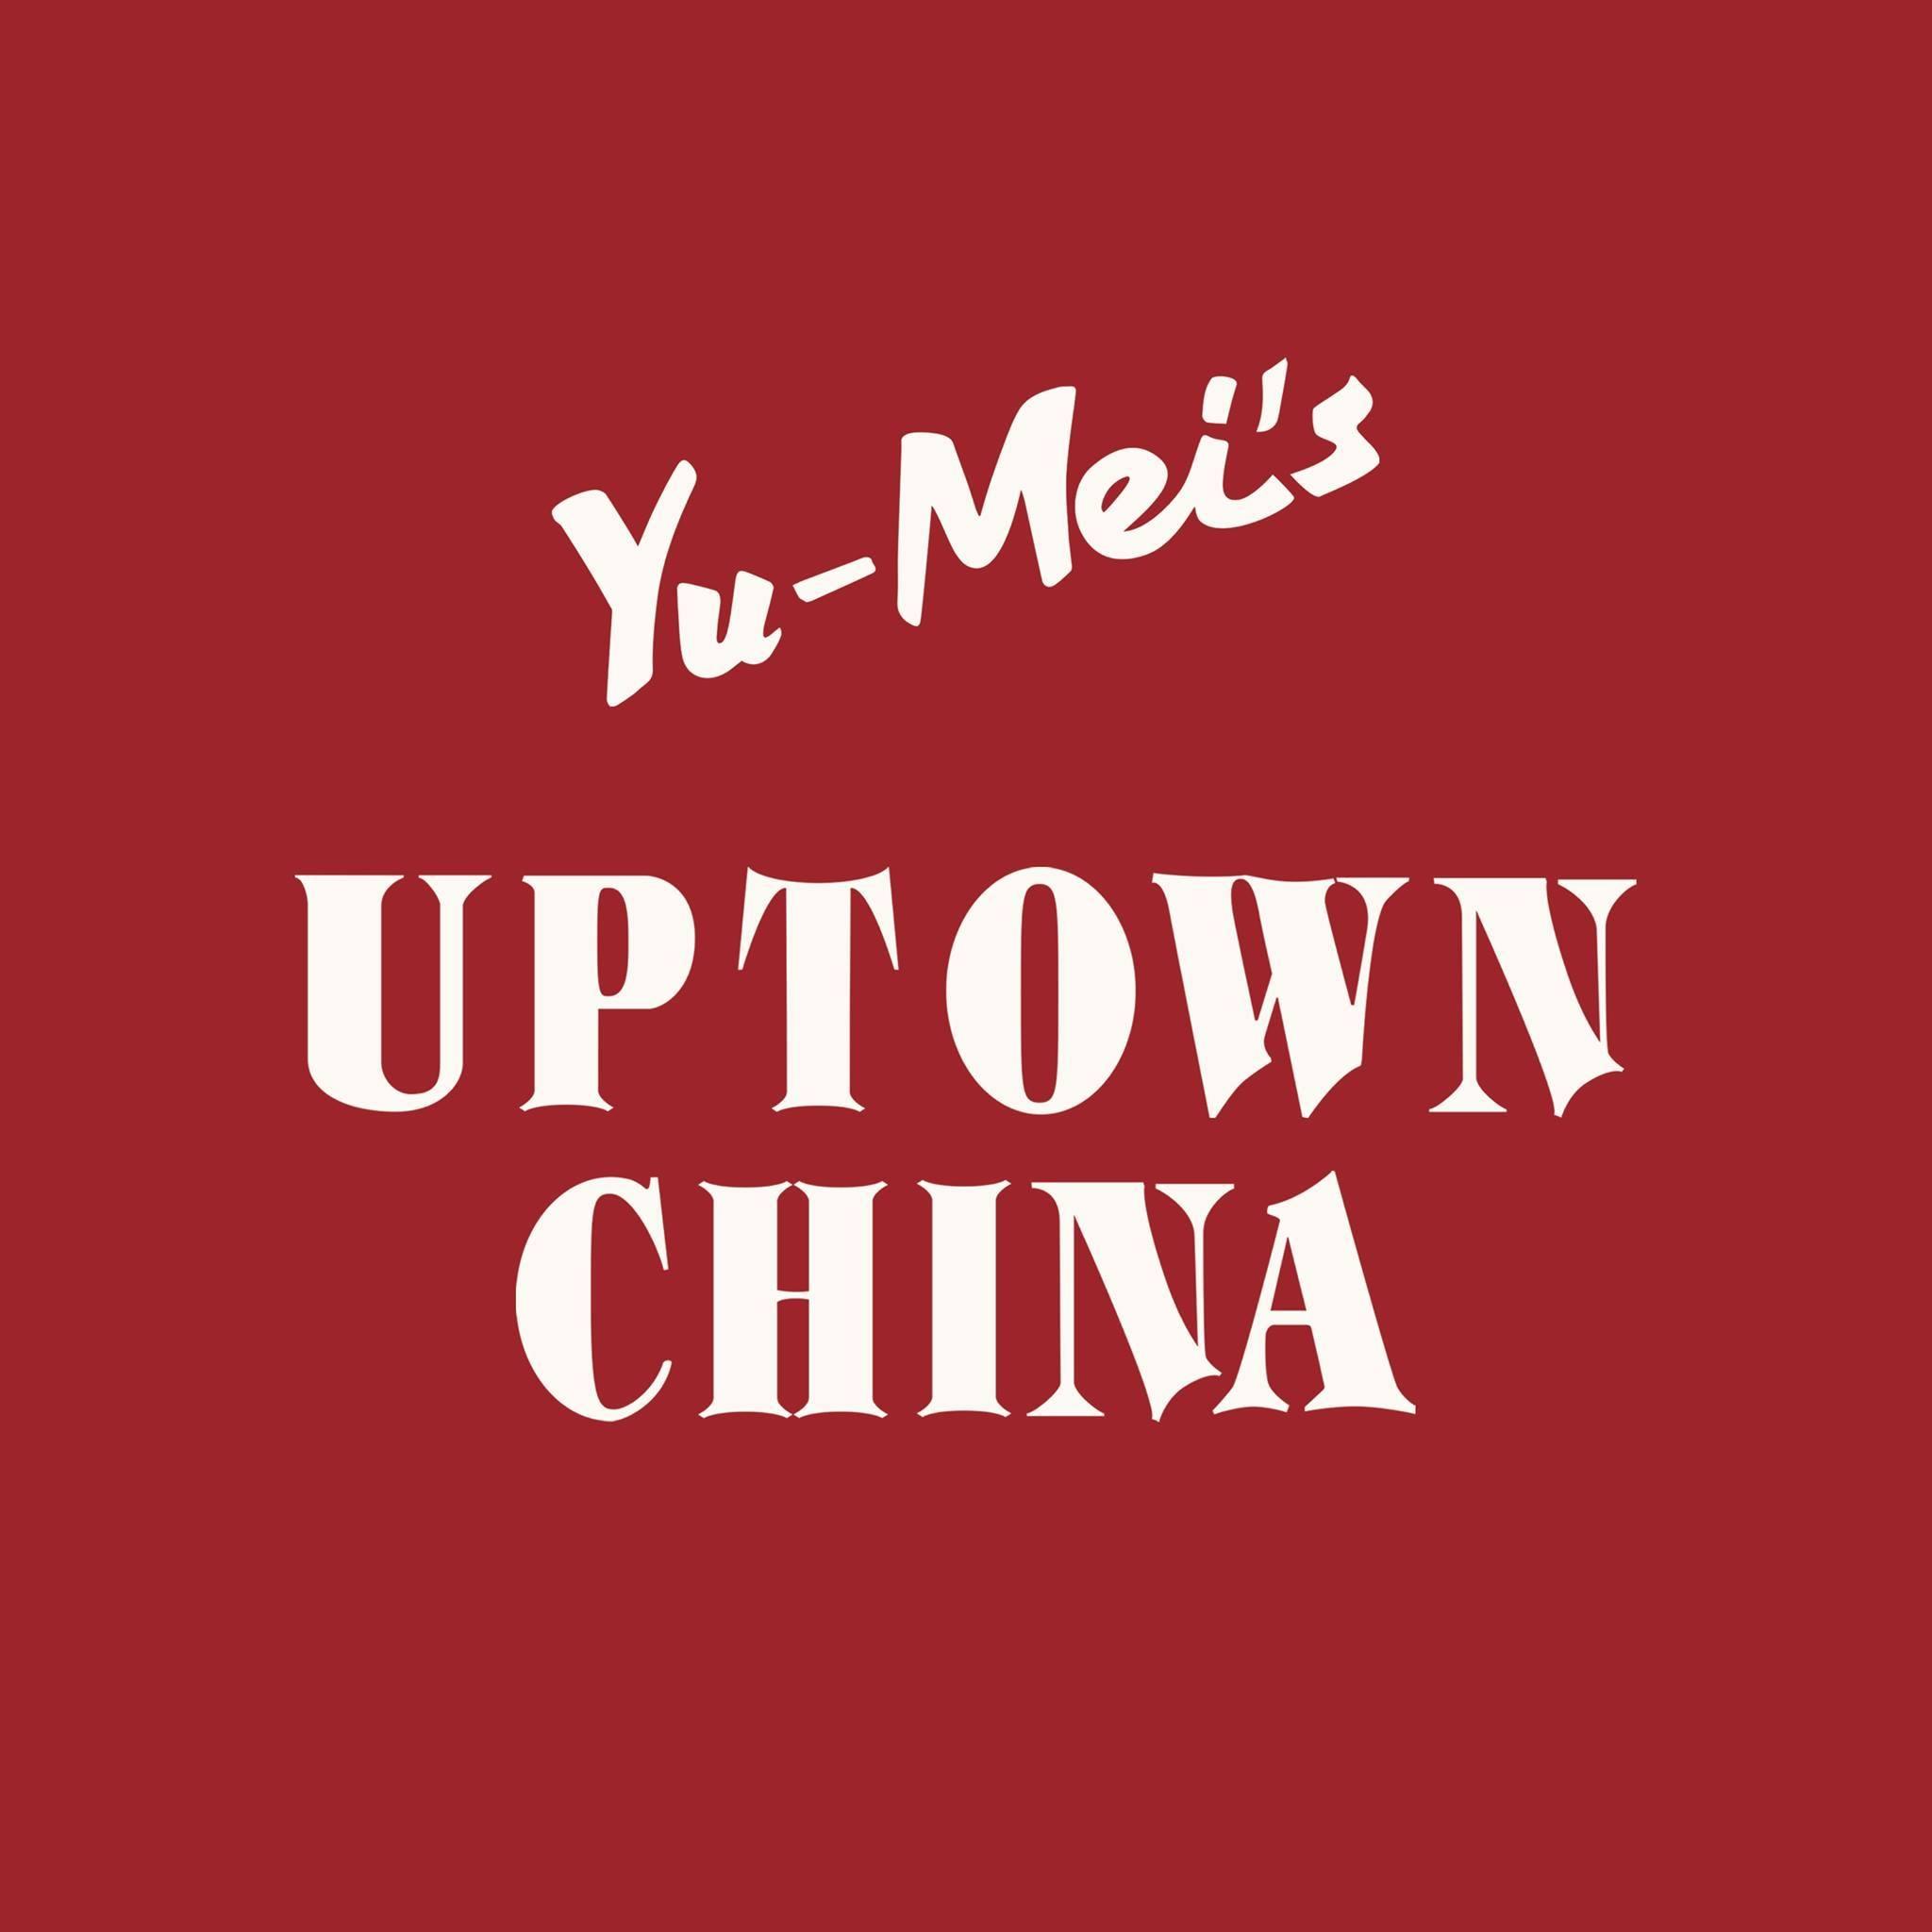 Uptown China